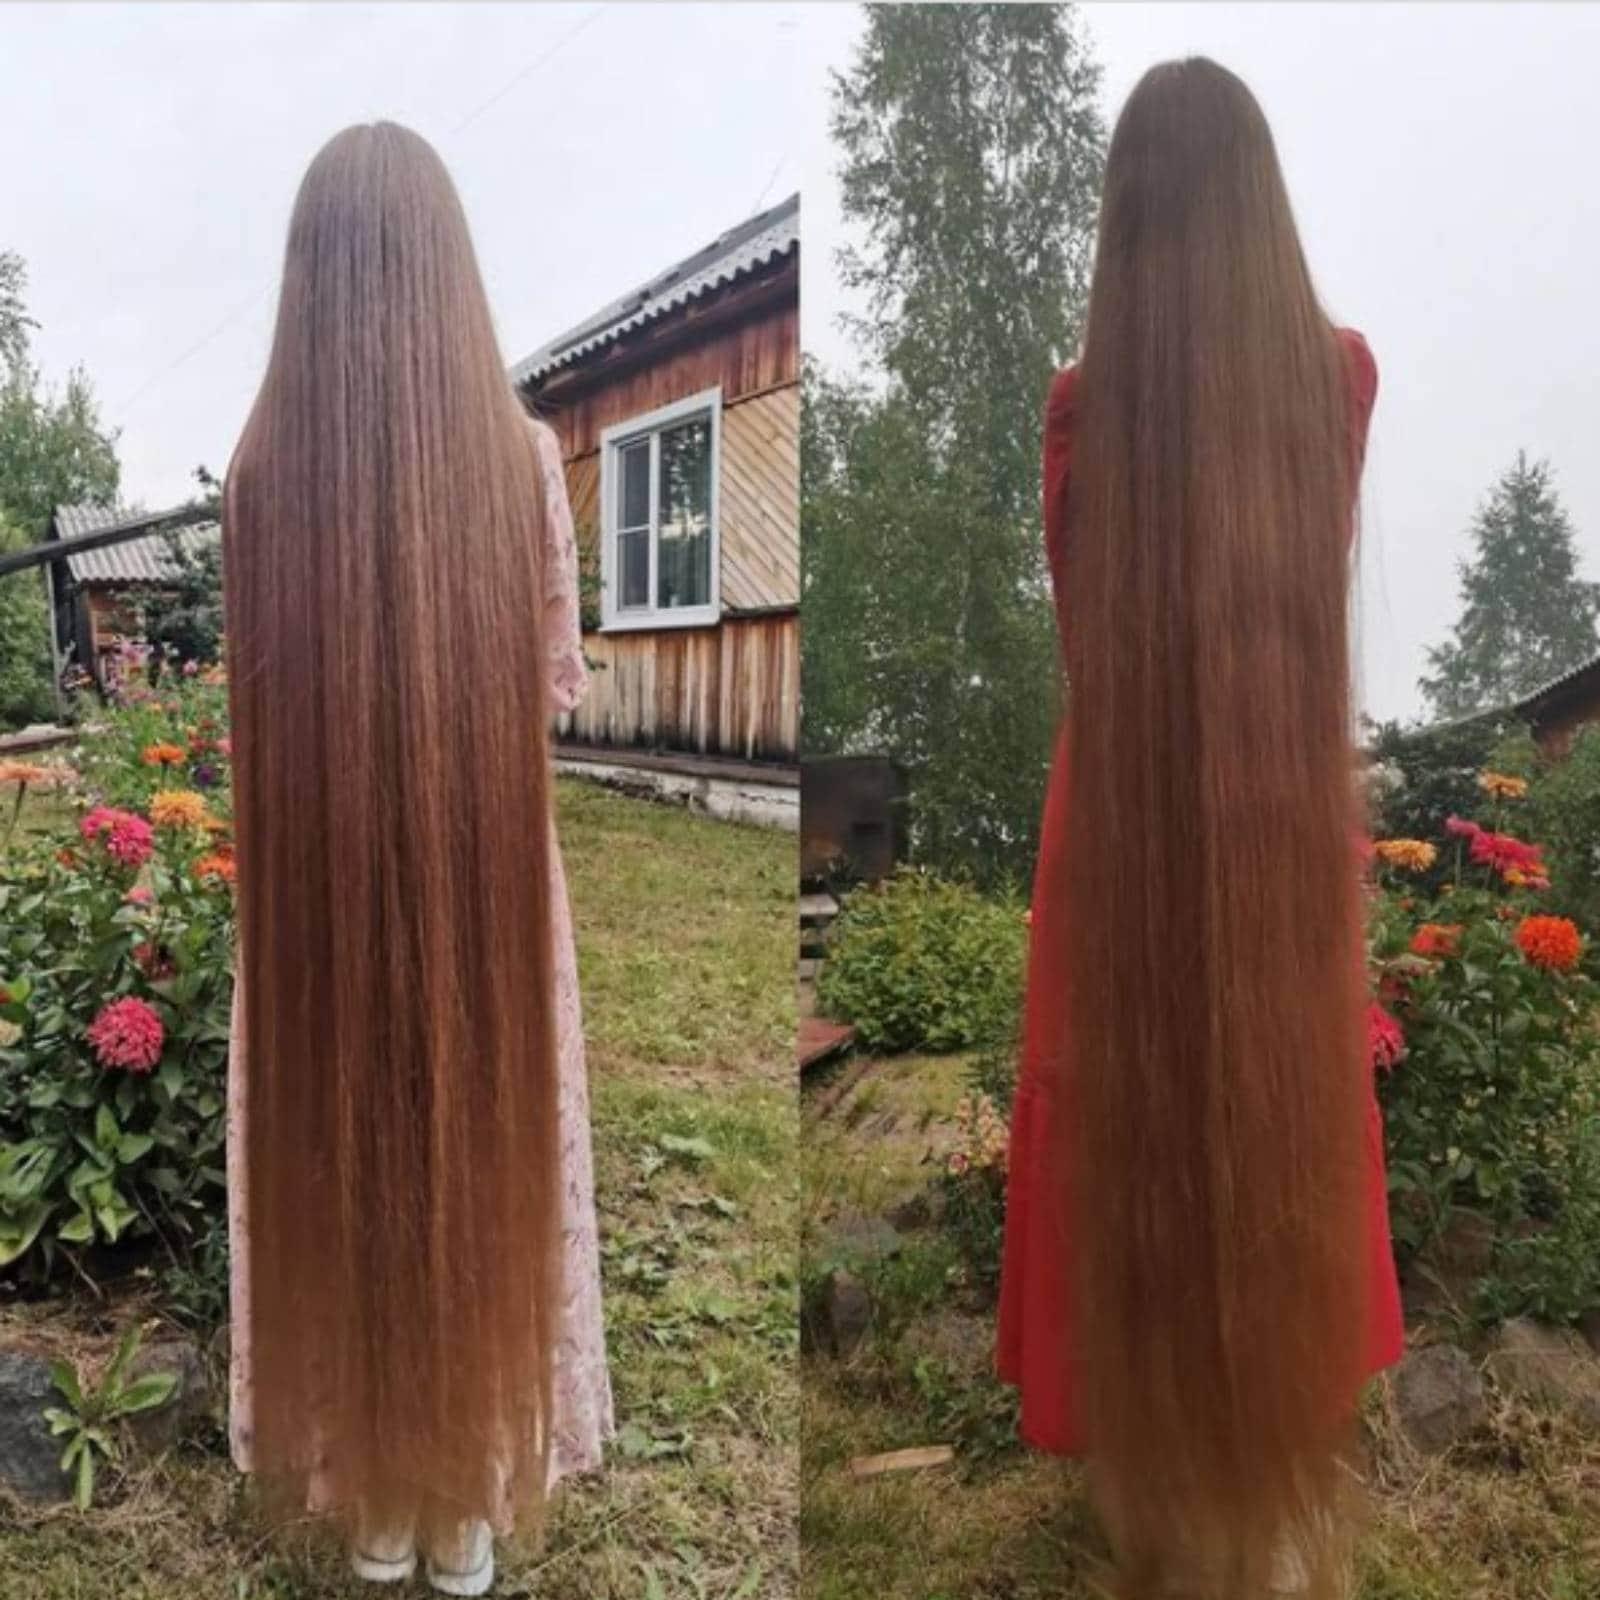 अक्सर लड़कियां बालों की तमाम समस्याओं को लेकर परेशान ही रहती हैं, लेकिन रूस के इरकुत्स्क(Irkutsk) की रहने वाली एंज़ेलिका के बाल उनकी एड़ी तक पहुंचते हैं. वो सिर्फ 5 साल की थीं, जब उन्होंने अपने बालों को नहीं कटाने का फैसला किया था. तब से न तो उन्होंने अपने बाल कटाए, न ही उनके माता-पिता ने इनमें कैंची लगवाई.